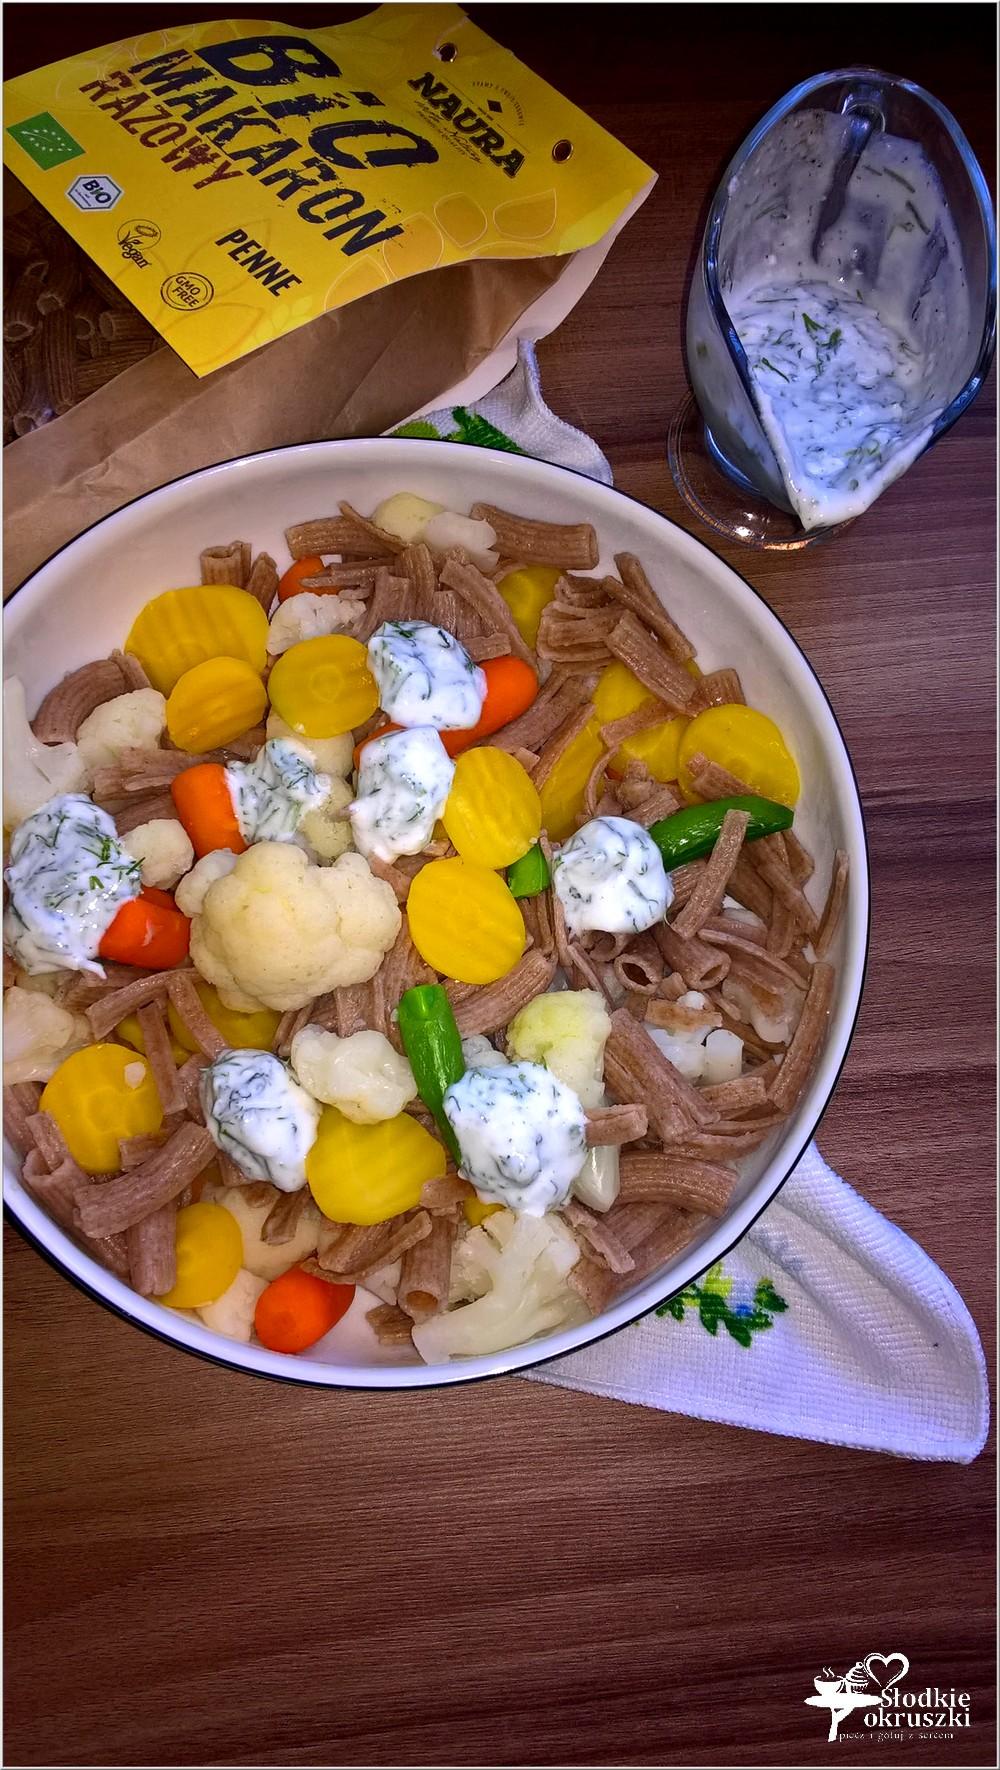 salatka-warzywno-makaronowa-w-lekkim-koperkowym-sosie-1